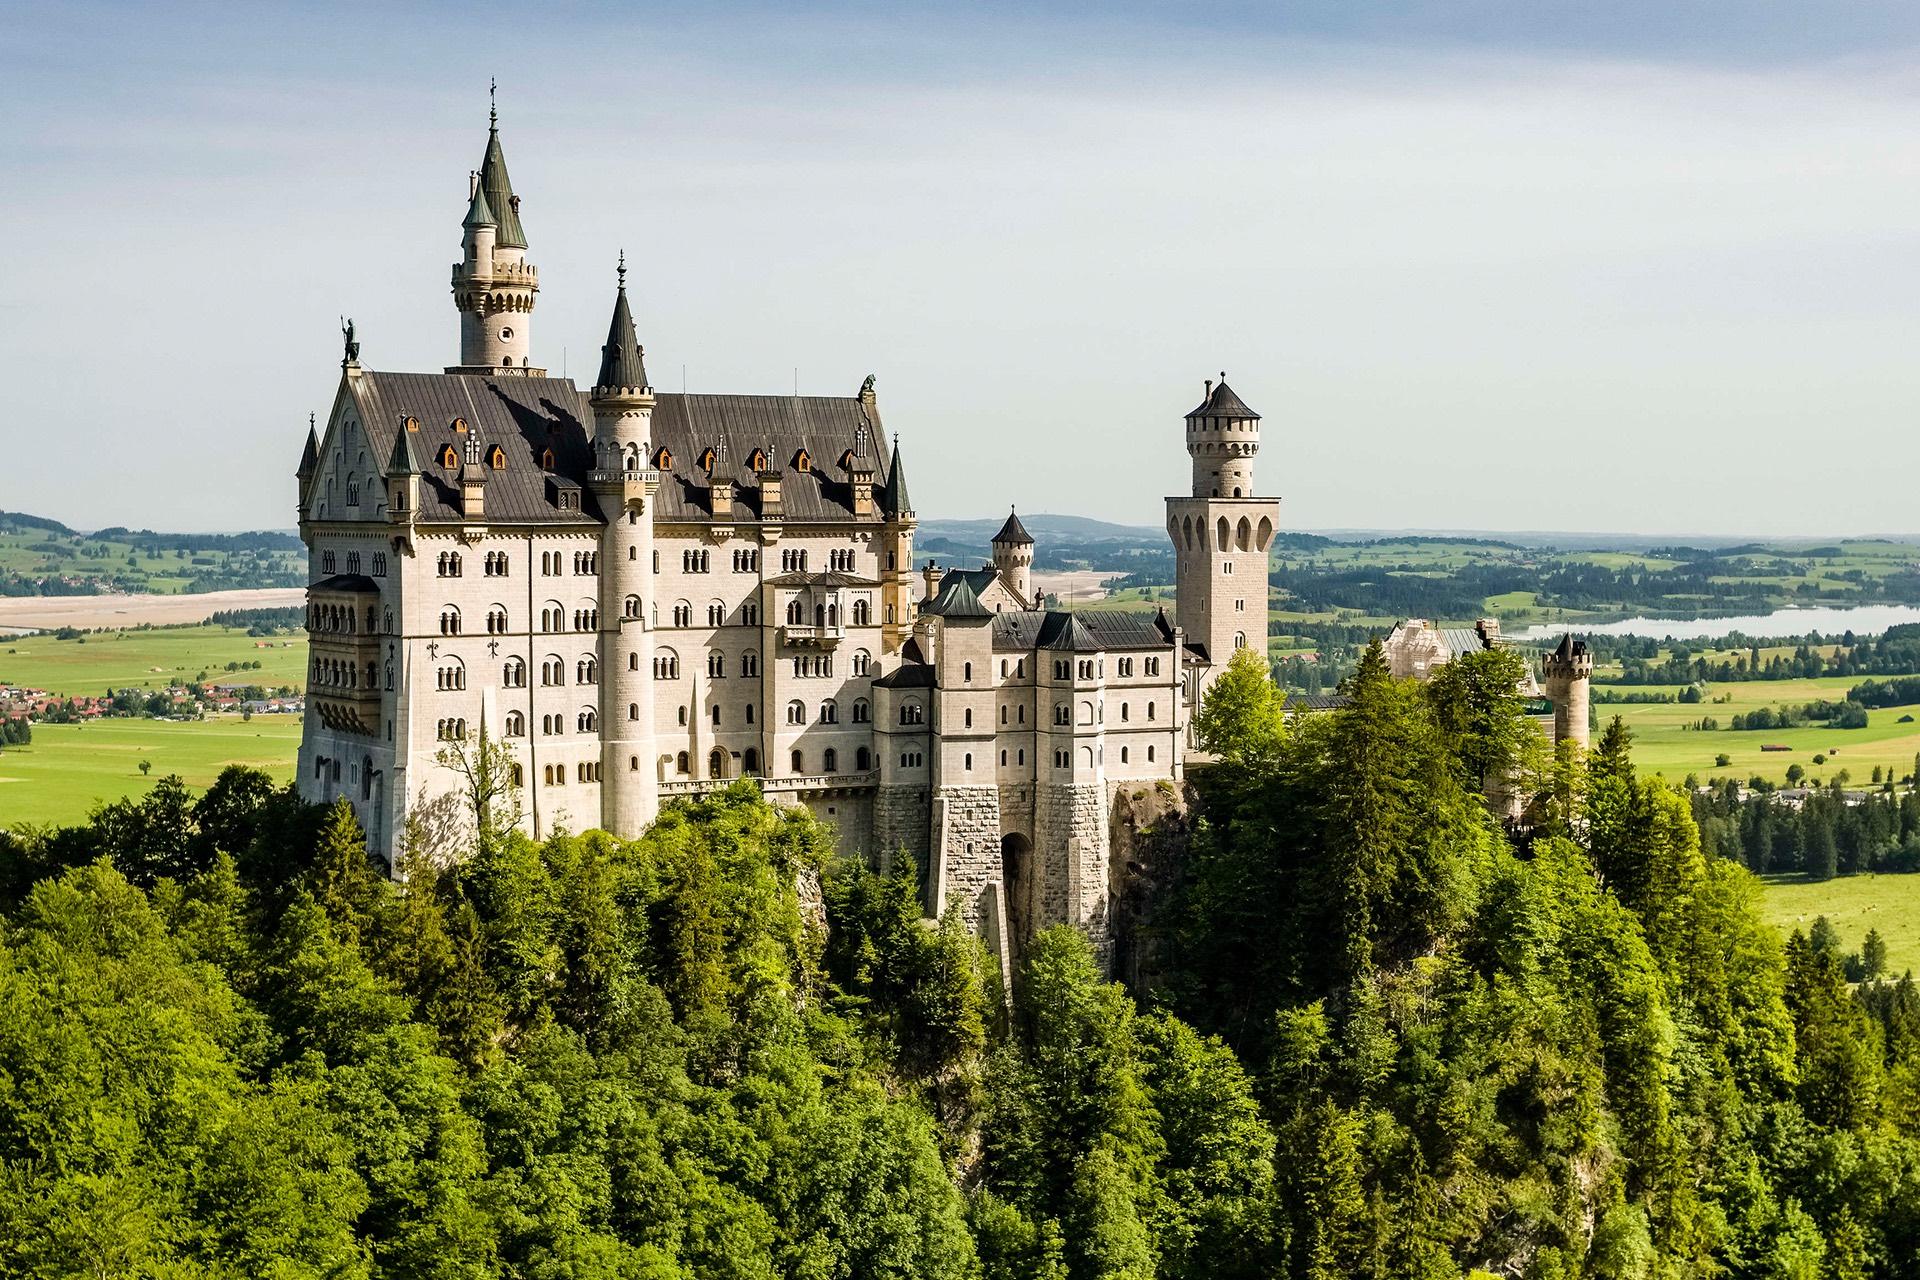 neuschwanstein-castle-germany-tfk-worlds